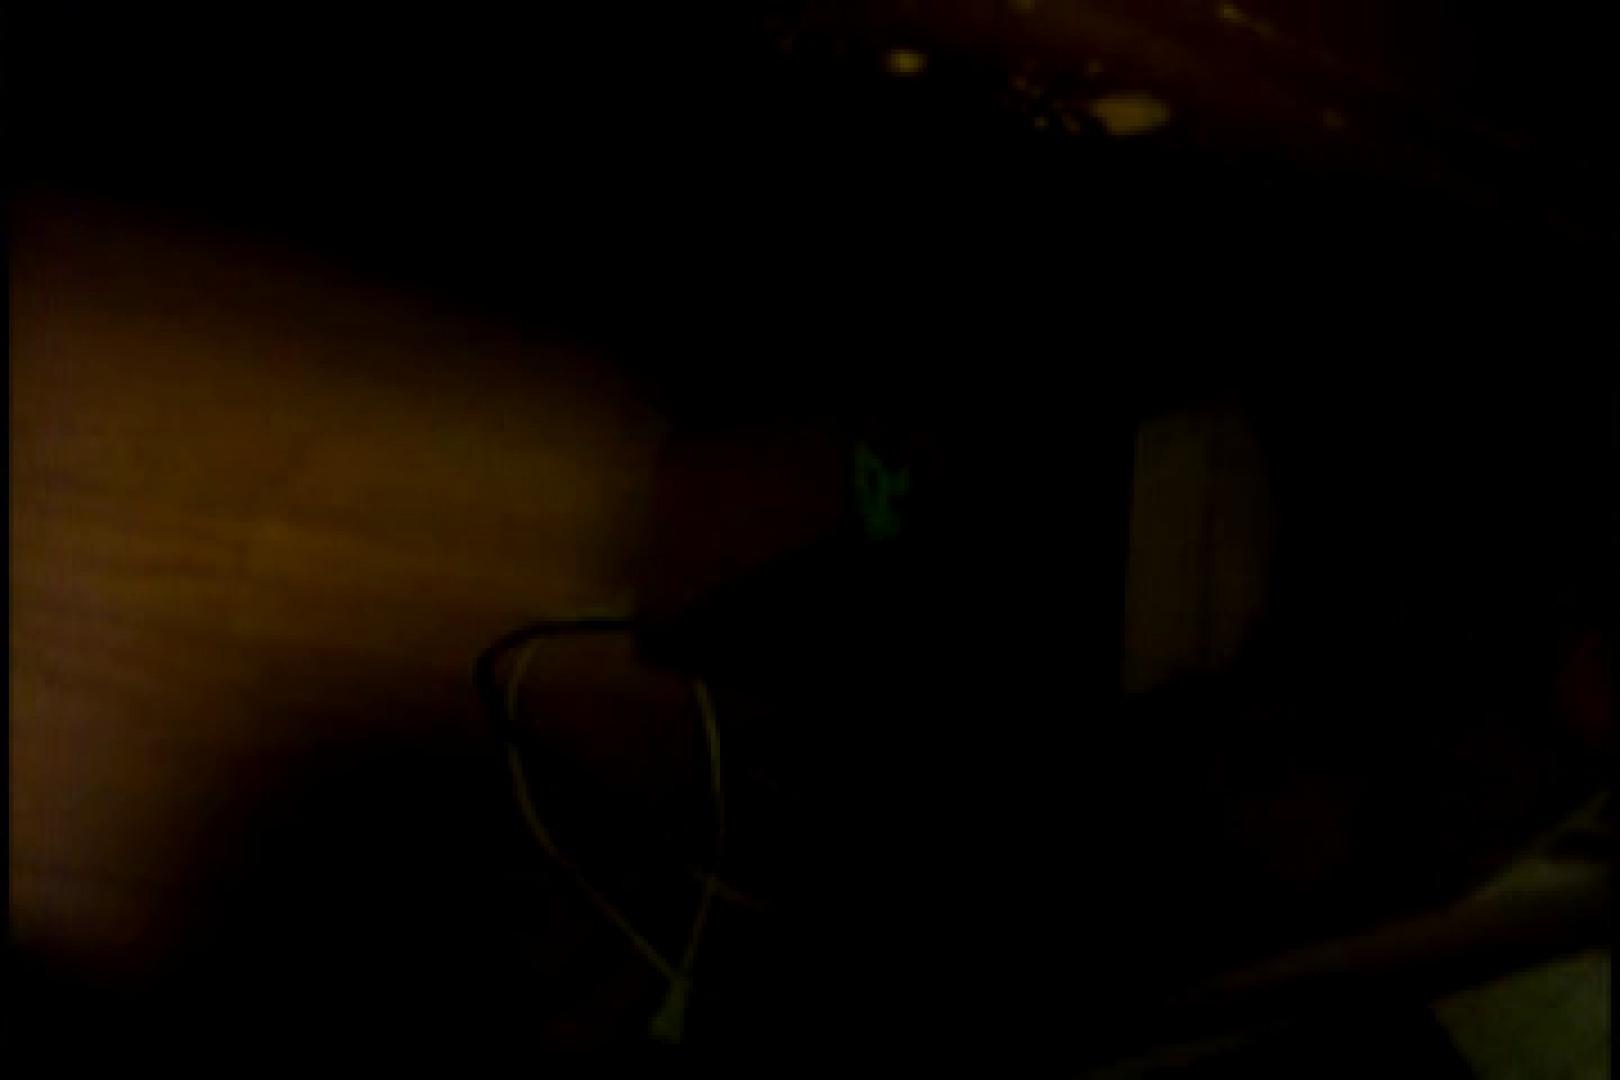 オナ好きノンケテニス部員の自画撮り投稿vol.05 ノンケ達のセックス  76画像 36